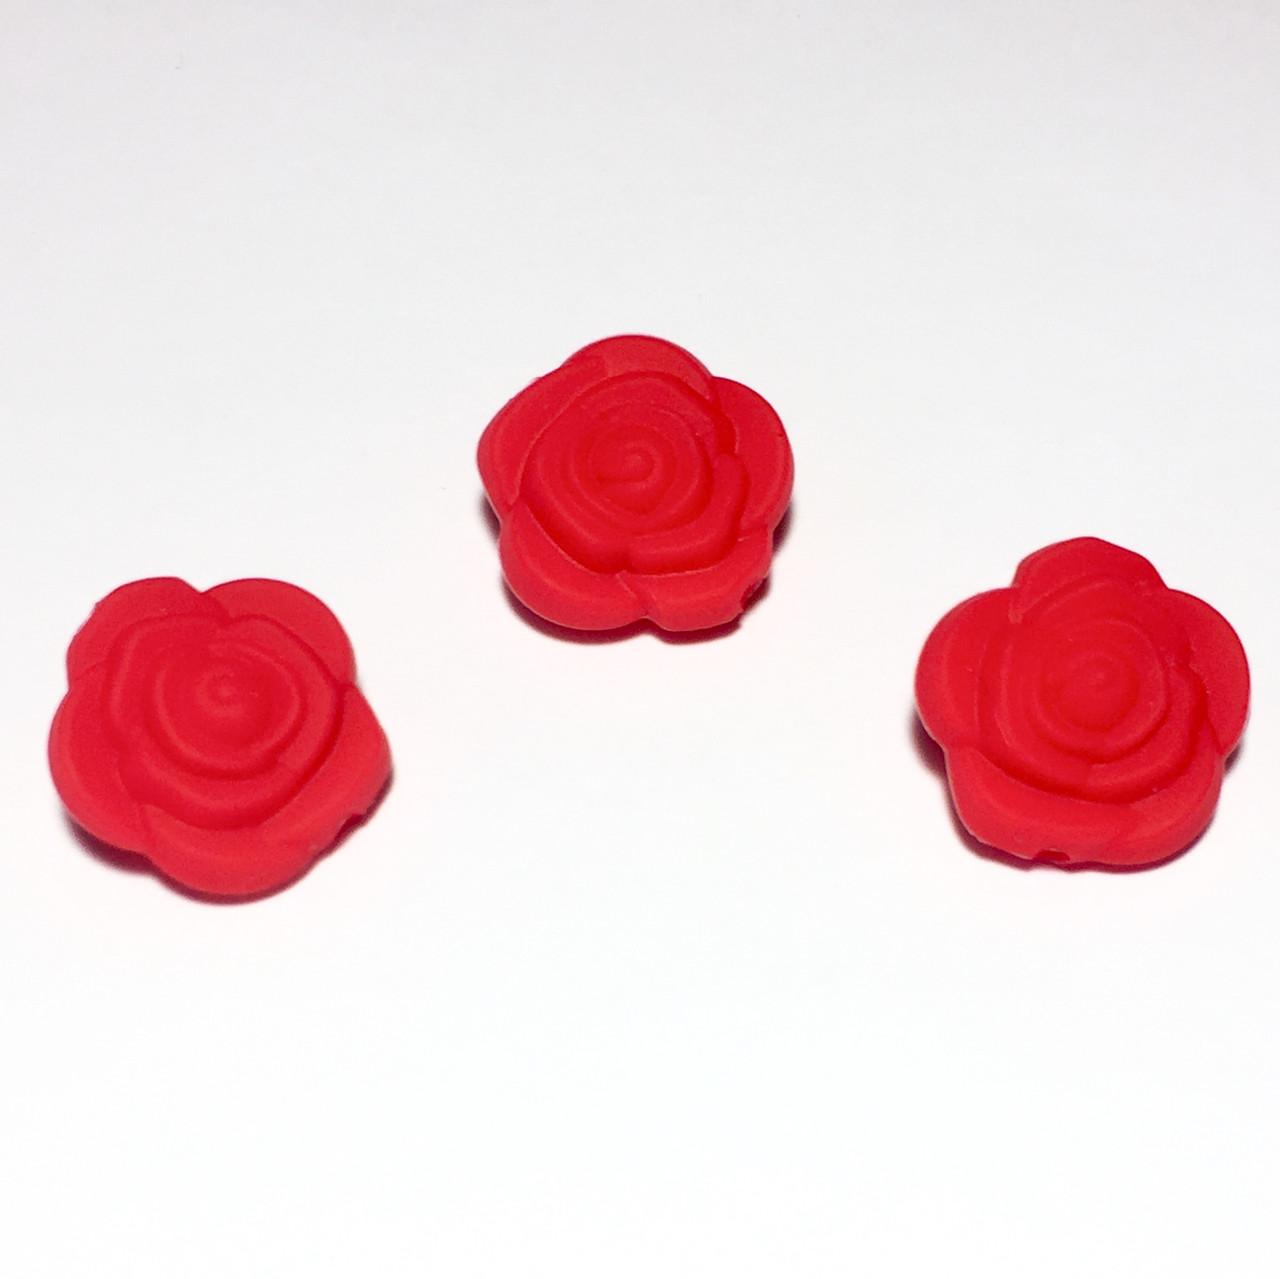 Розочка маленькая (красная) бусина из силикона